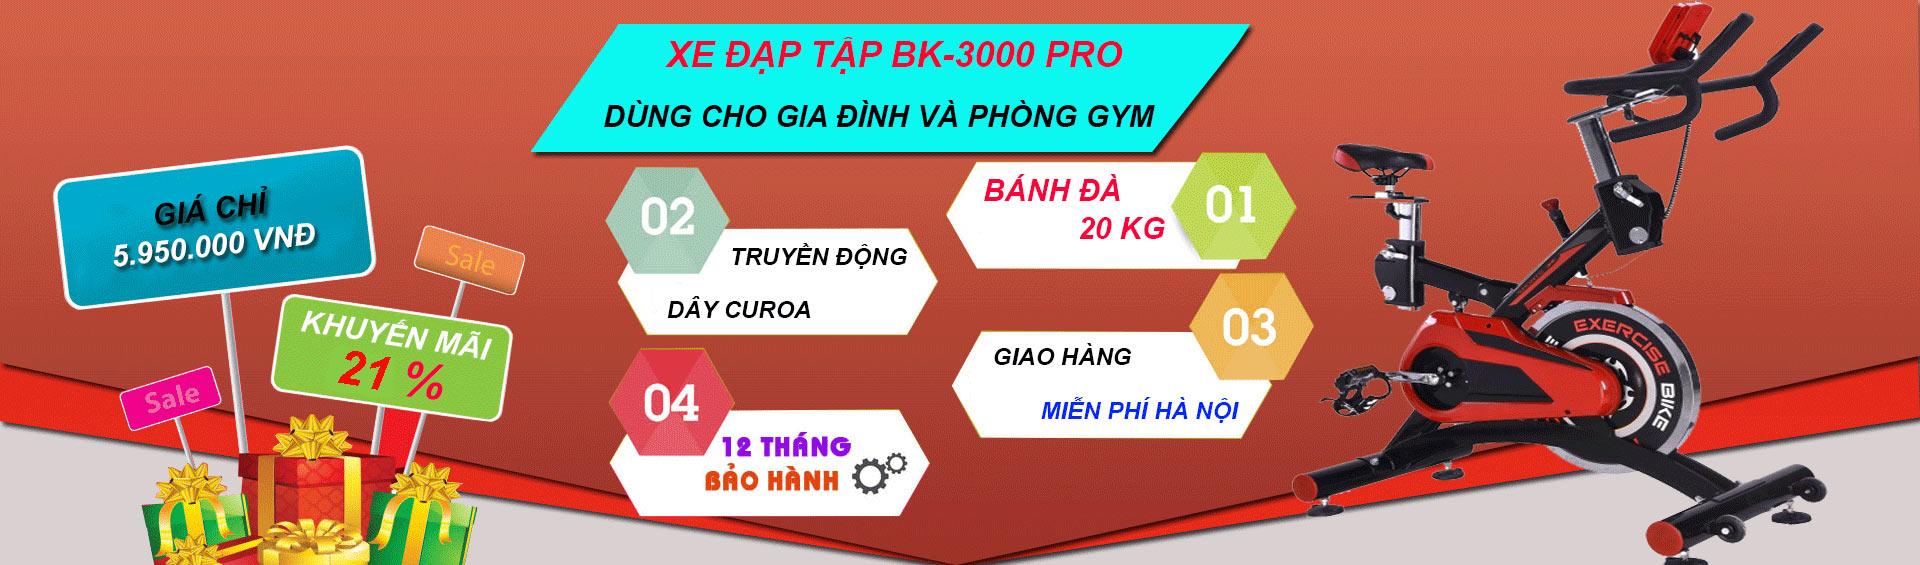 Khuyến mãi xe đạp tập thể dục bk-3000 pro